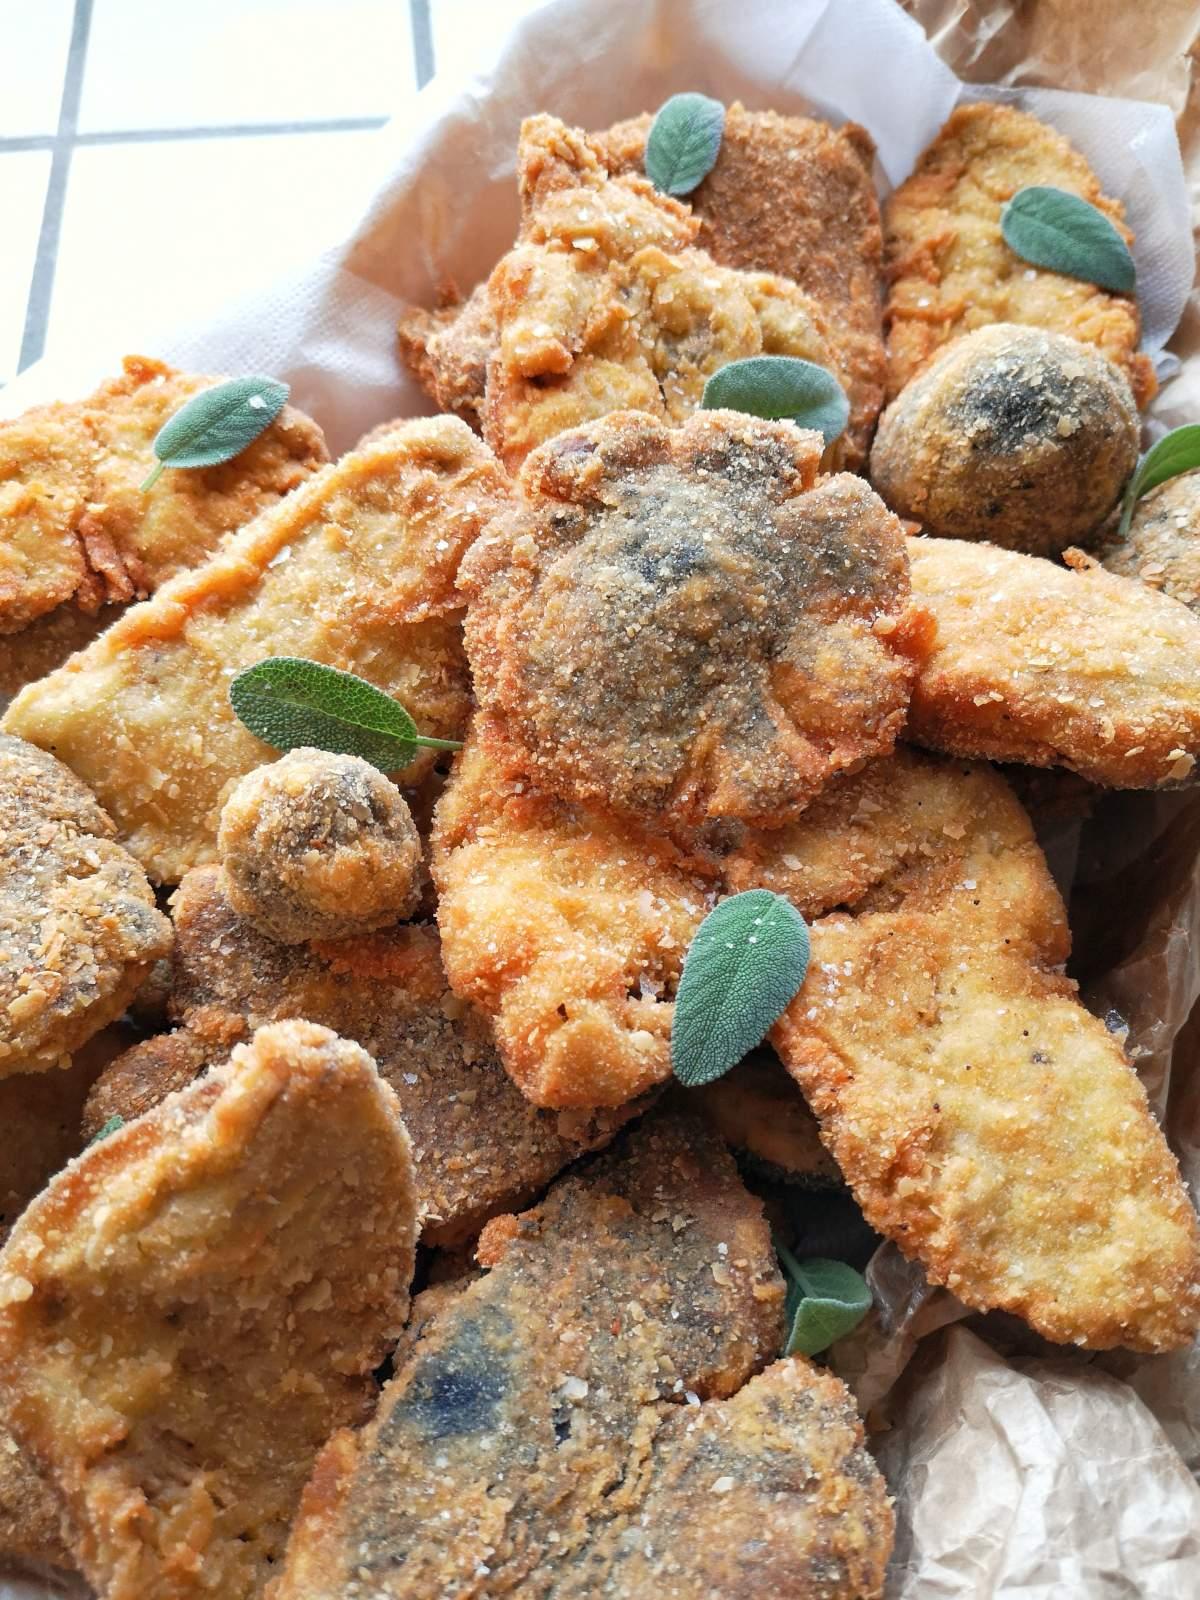 mazze di tamburo fritte - funghi fritti di chezuppa